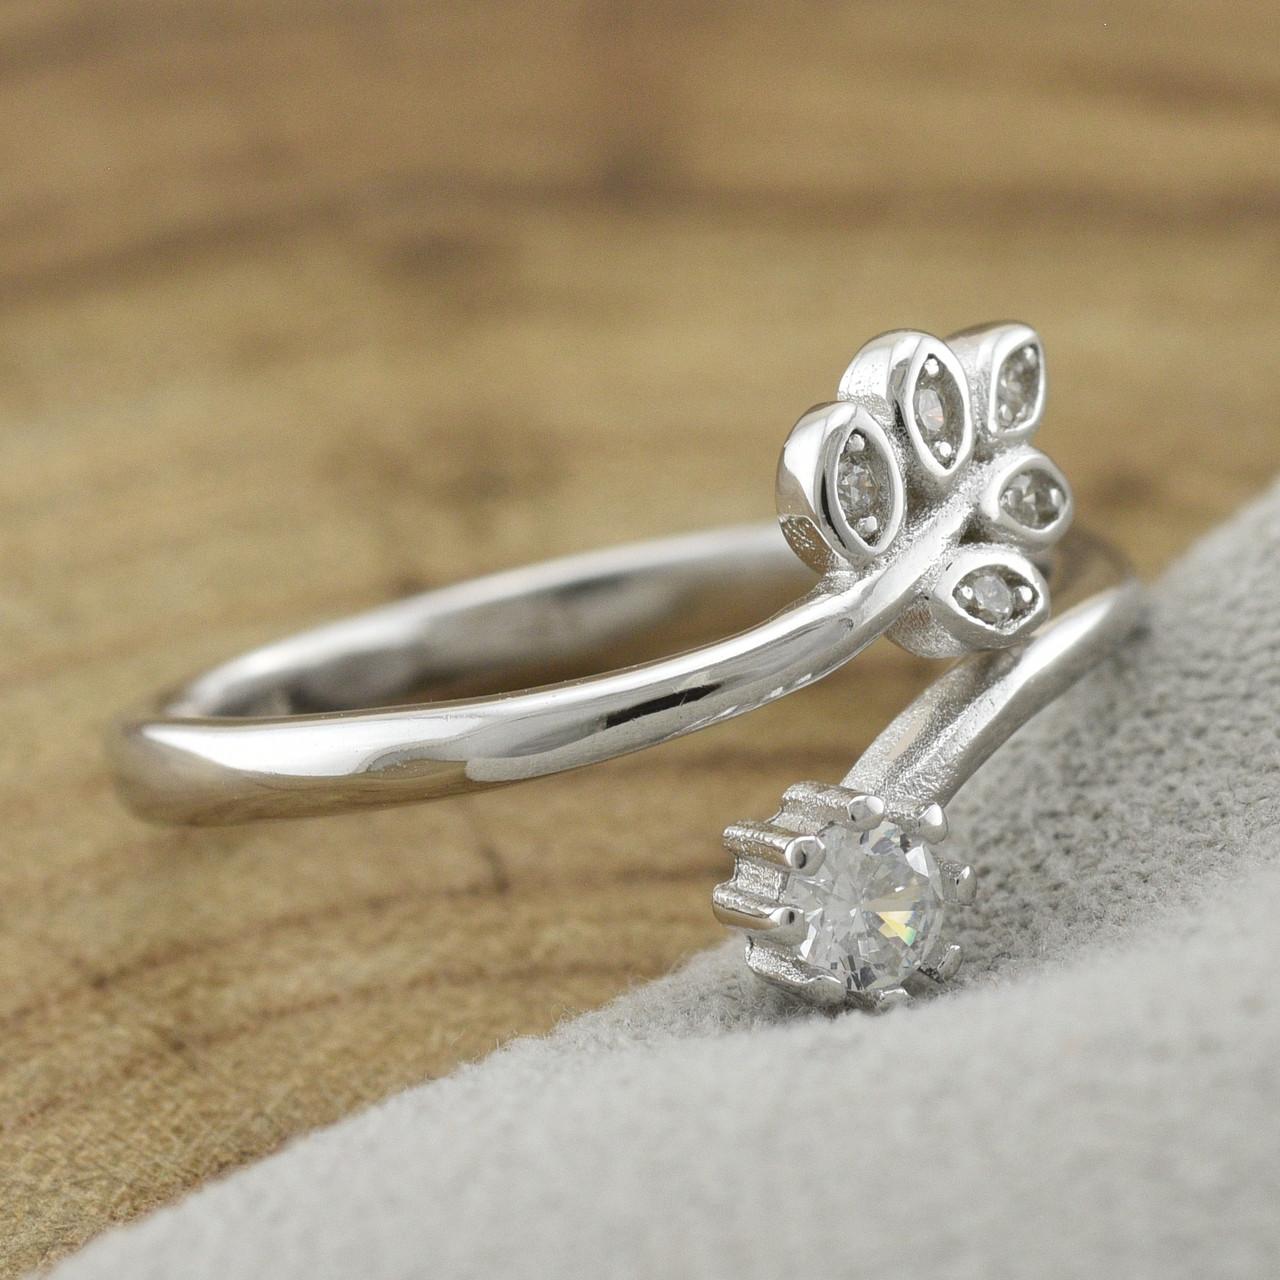 Серебряное кольцо ТС510347б размер 16.5 вставка белые фианиты вес 1.85 г